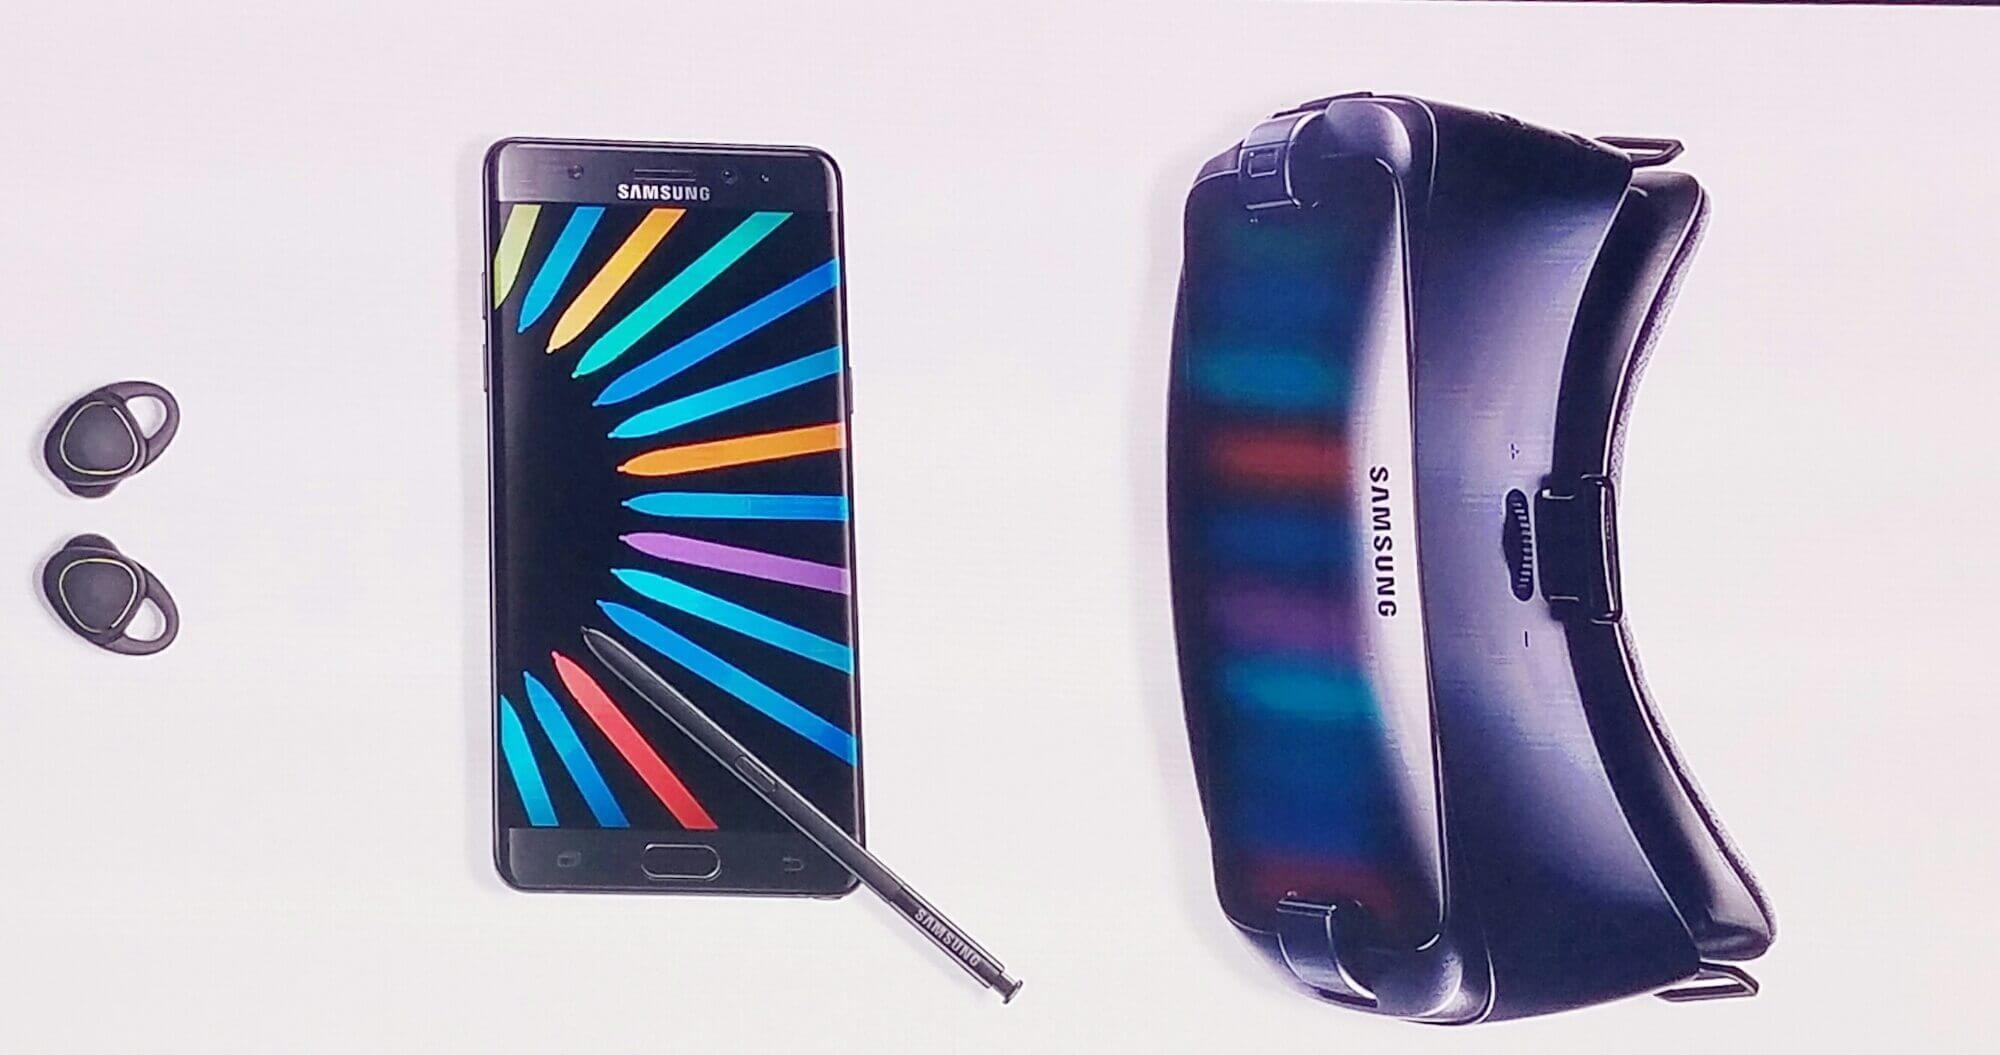 Ele chegou: Galaxy Note7 é lançado no Parque Olímpico do Rio